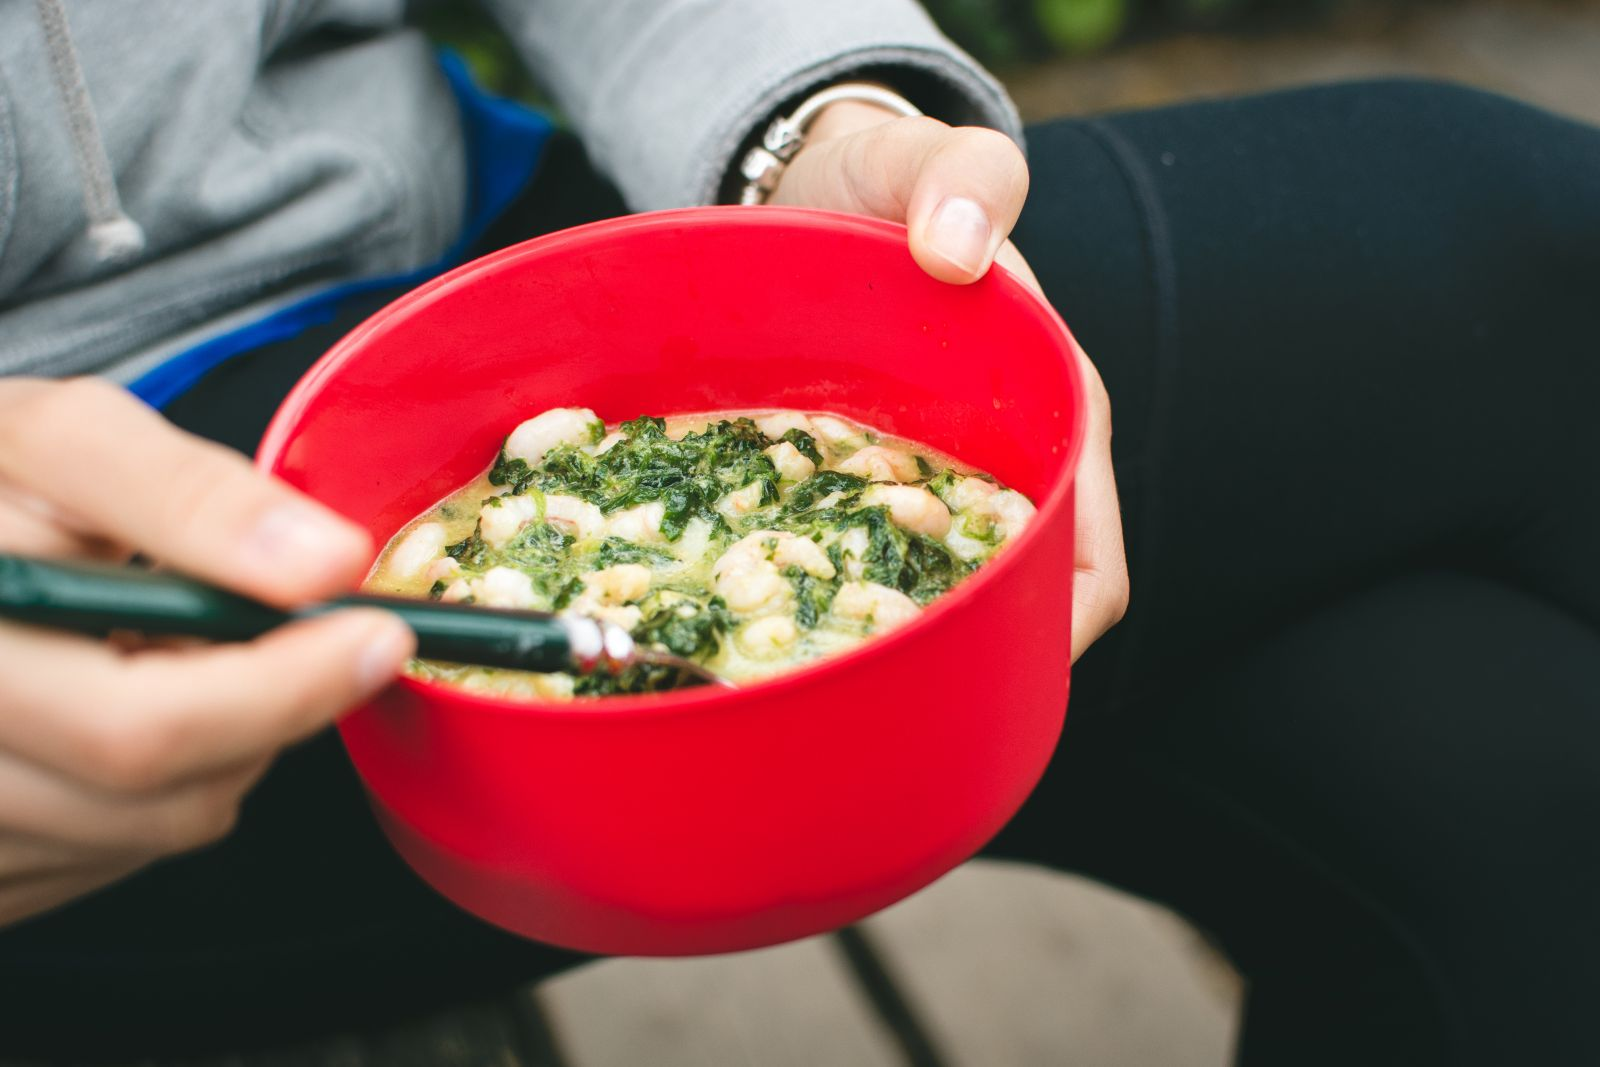 Постное меню: рецепт вкуснейшего супа с креветками - фото №2